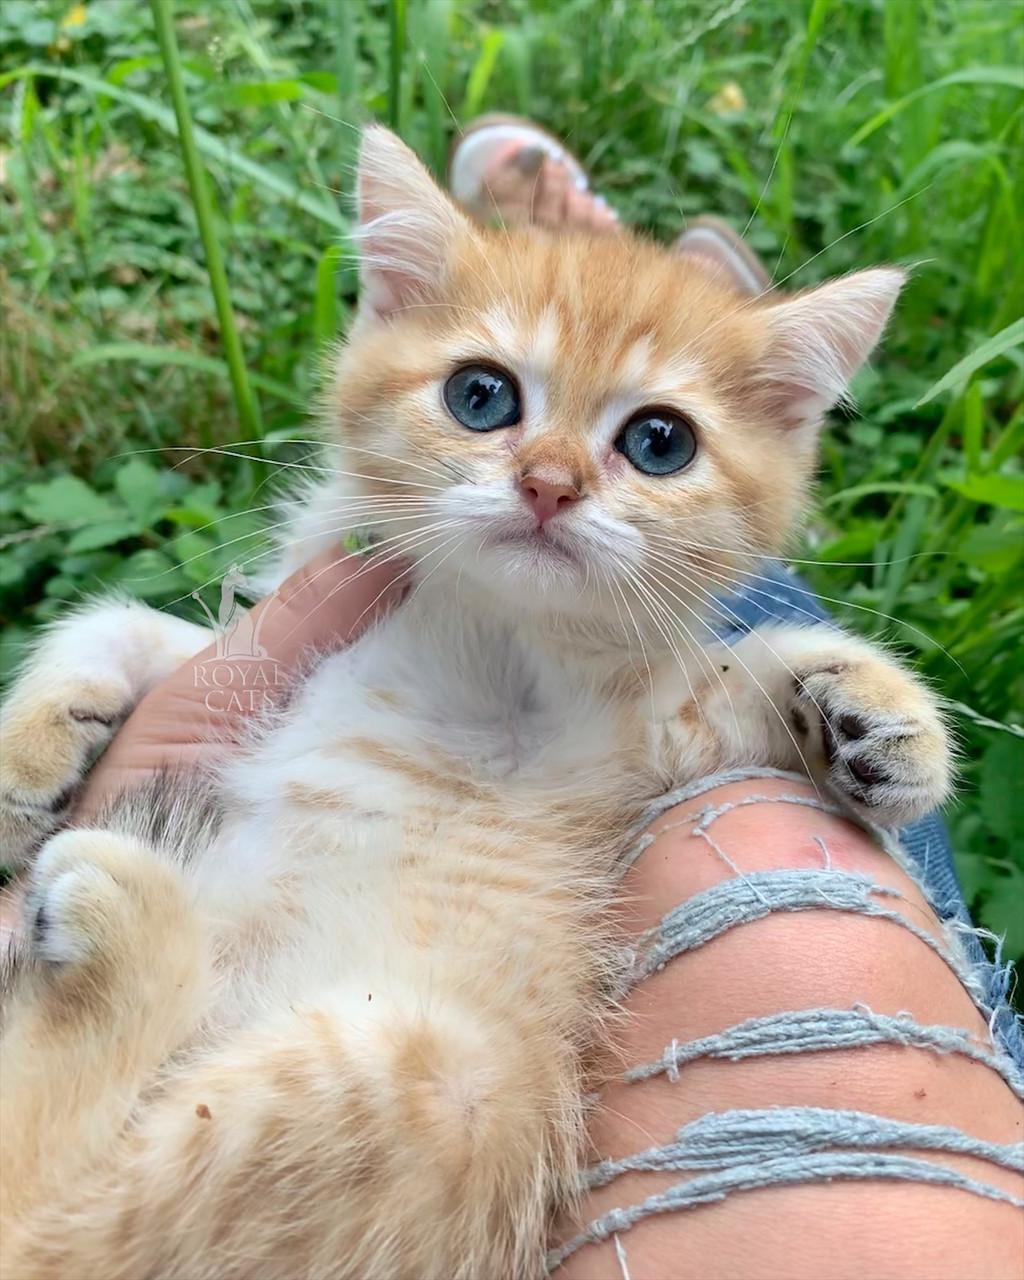 Котик шотландская прямоухая шиншилла, рожден 13.05.2020 в питомнике Royal Cats. Украина, Киев